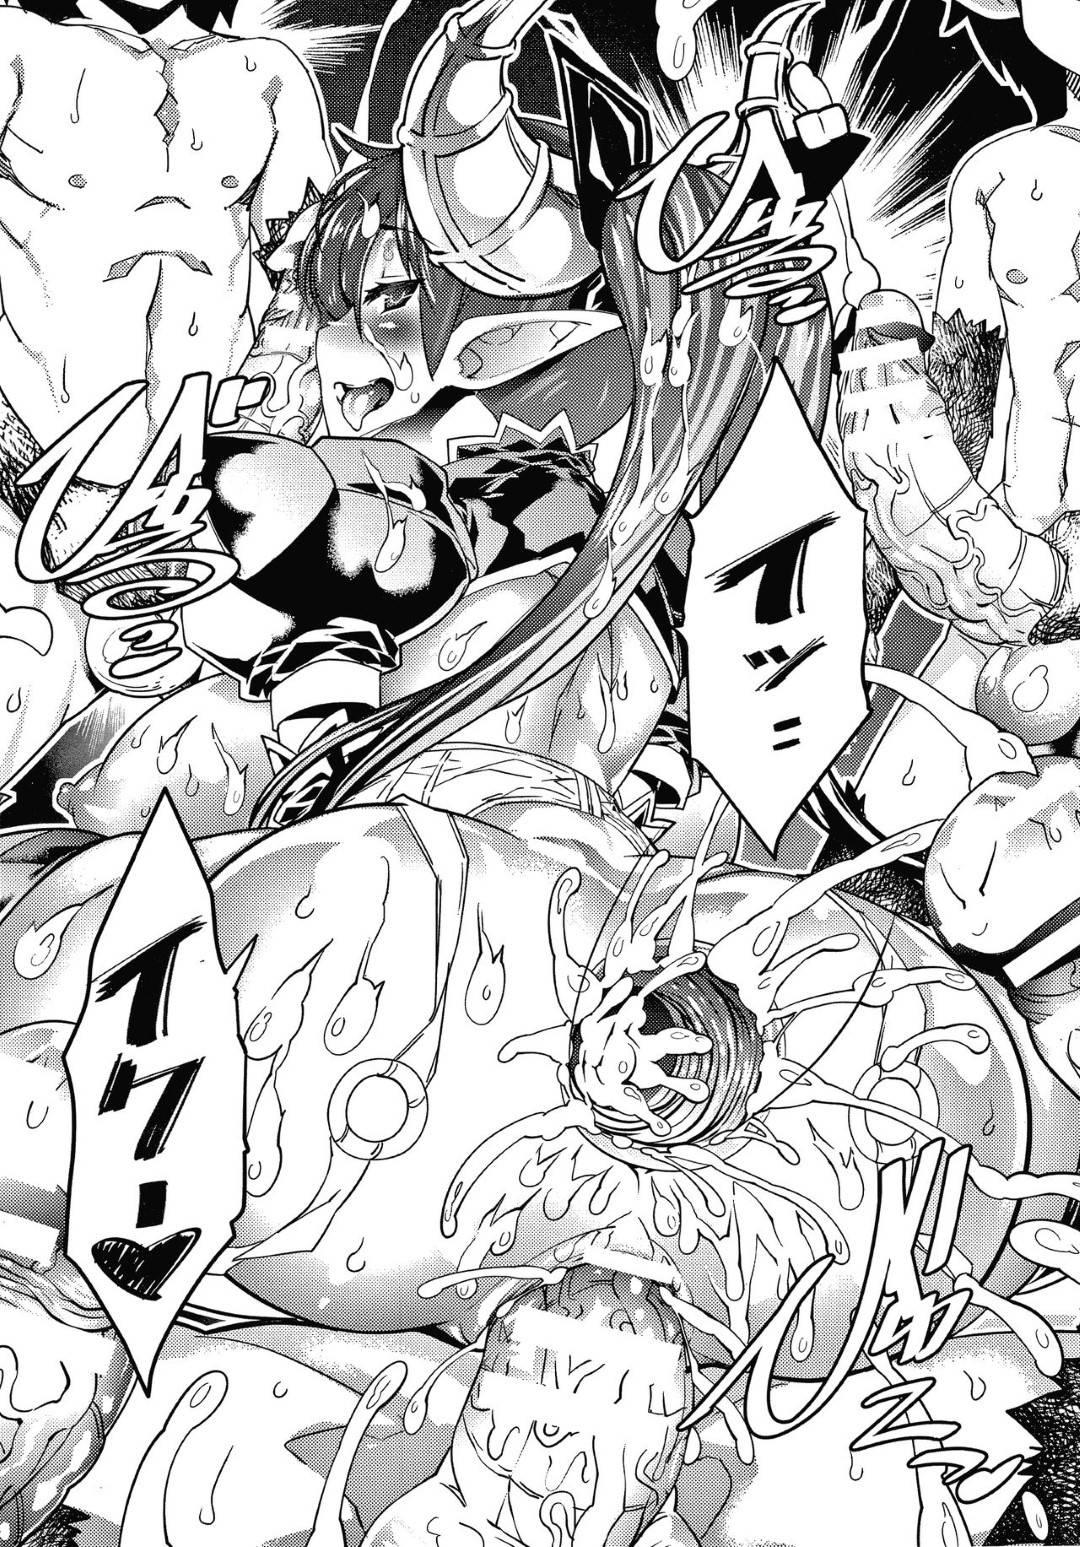 【エロ漫画】異世界転生して魔界を牛耳るようになった巨乳悪魔娘…インキュバスを捕らえた淫乱な彼女はバキュームフェラで精子を搾り取ったり、二穴同時挿入させたりと乱交セックスで性欲を解消する。【あまぎみちひと:Re:えびるちぇんじゃー】